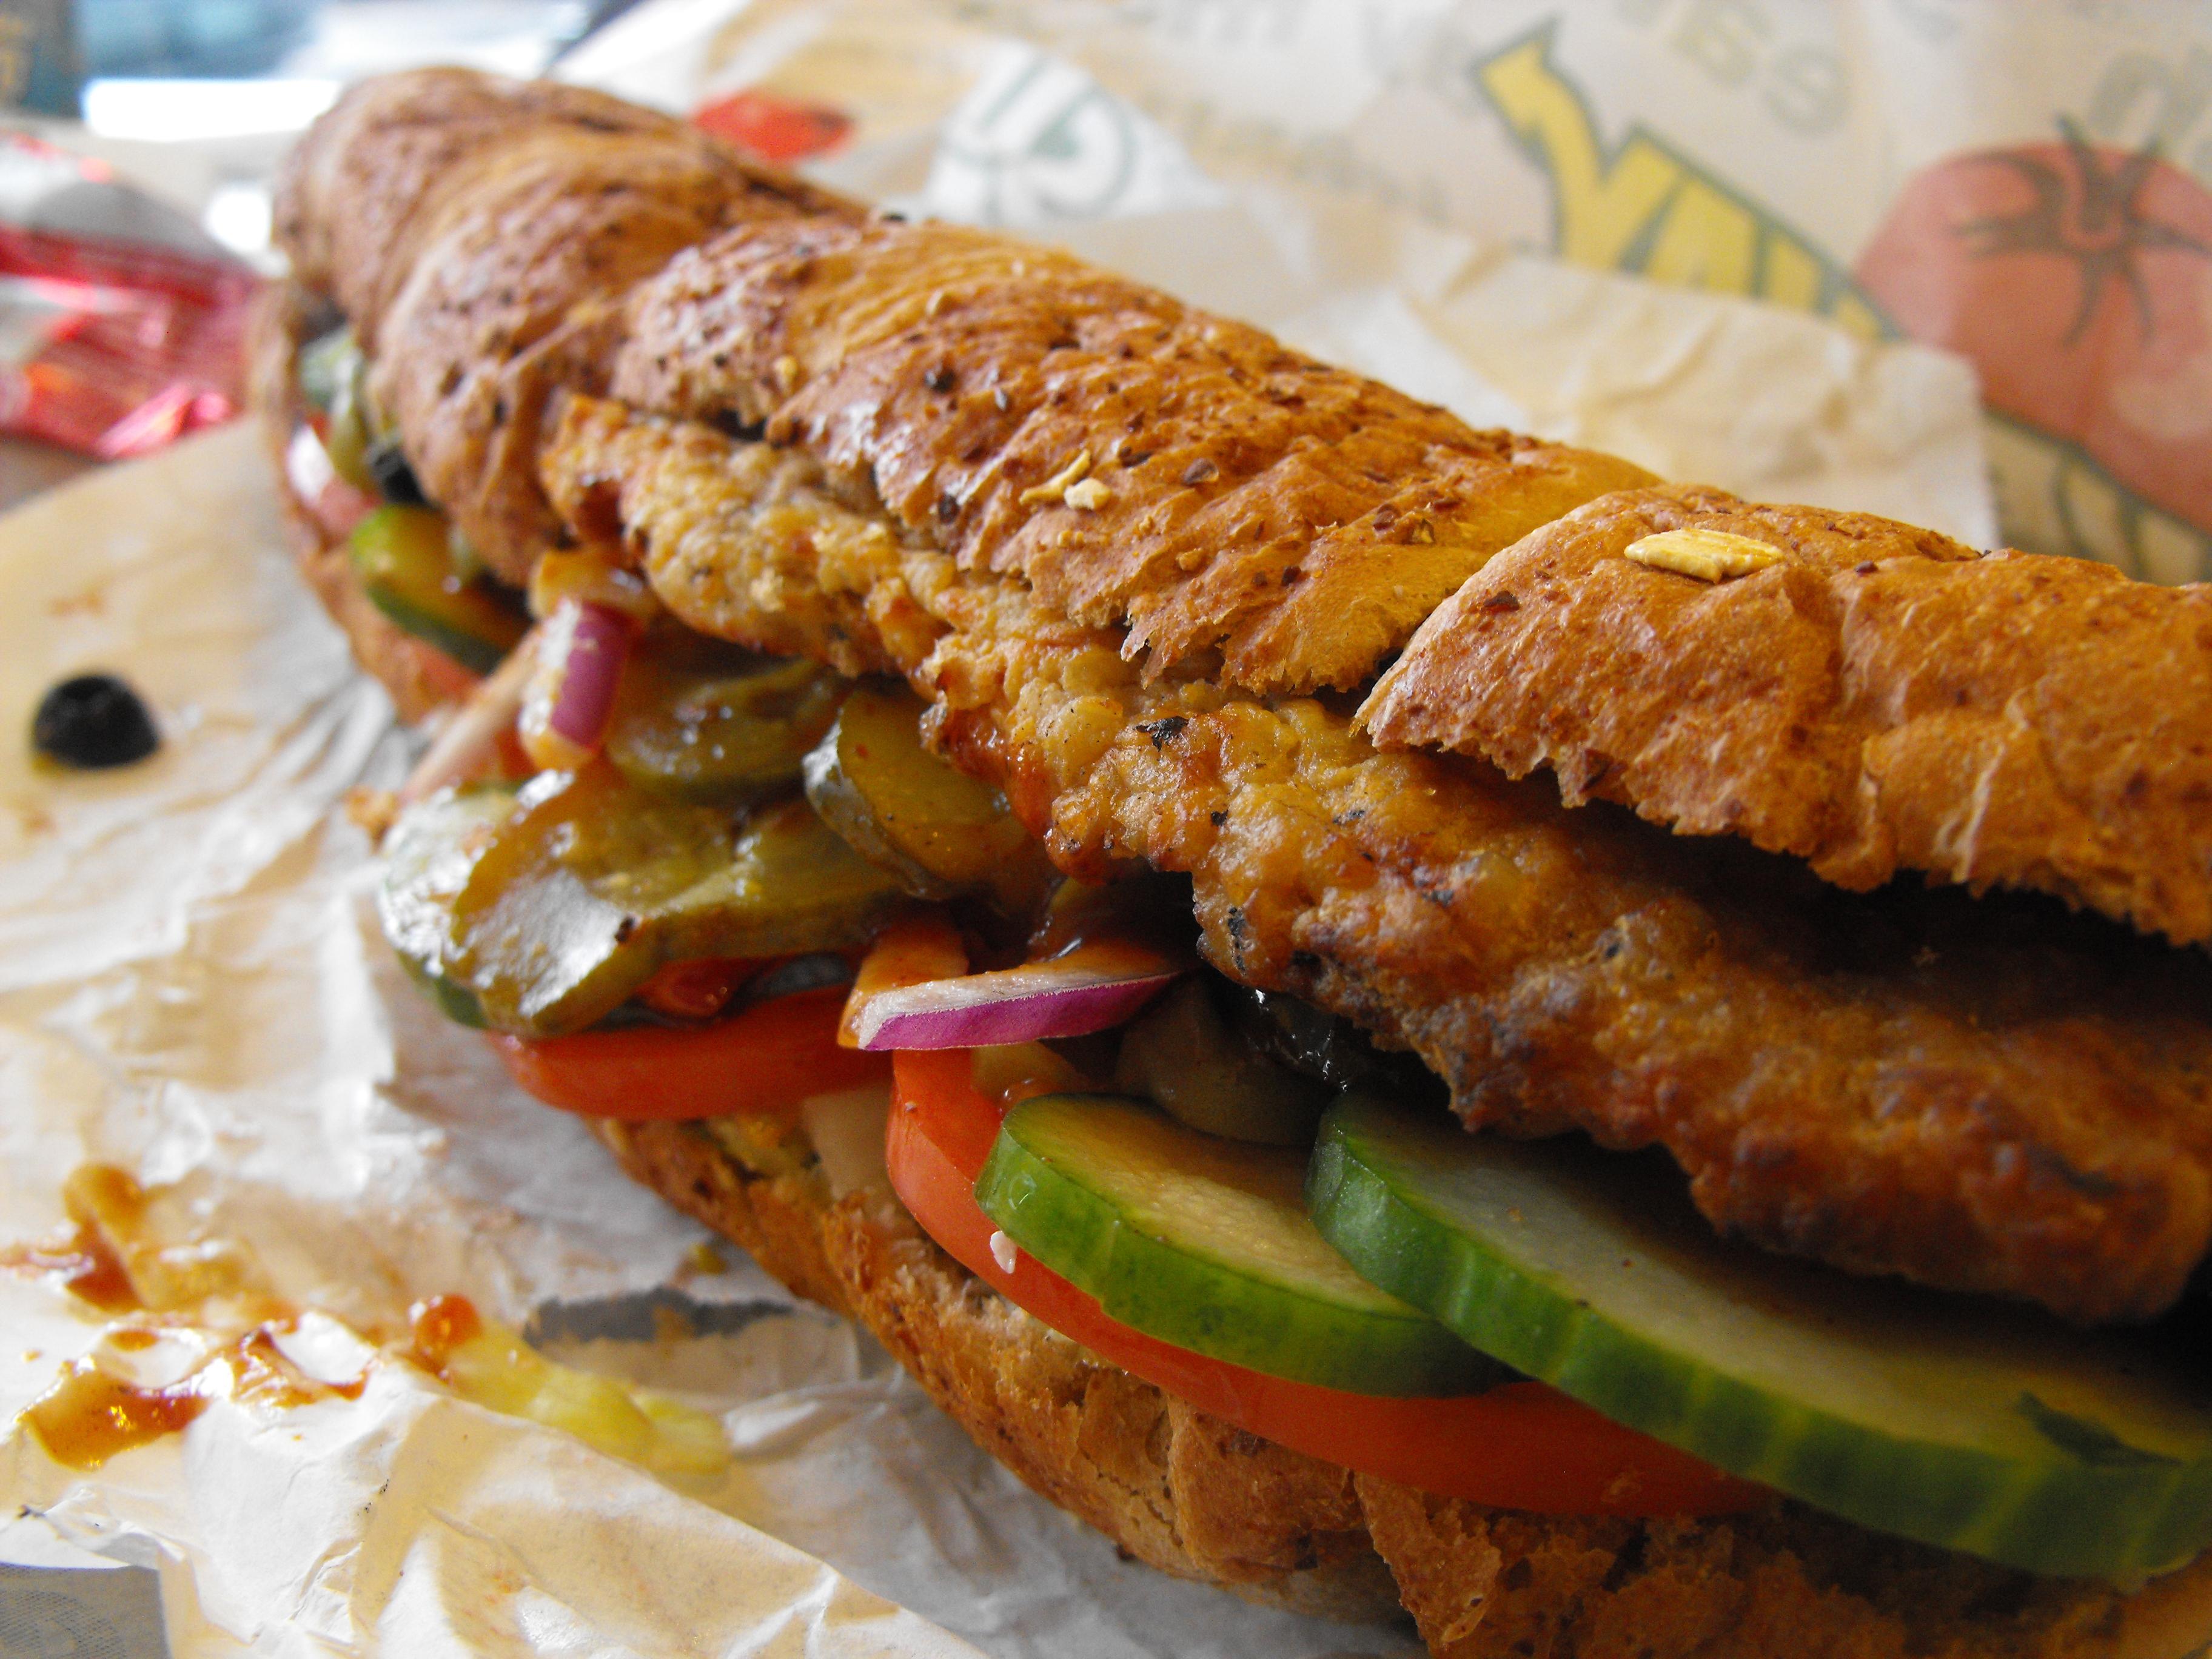 http://foodloader.net/cutie_2009-12-27_Subway_BBQ_Sandwich.jpg